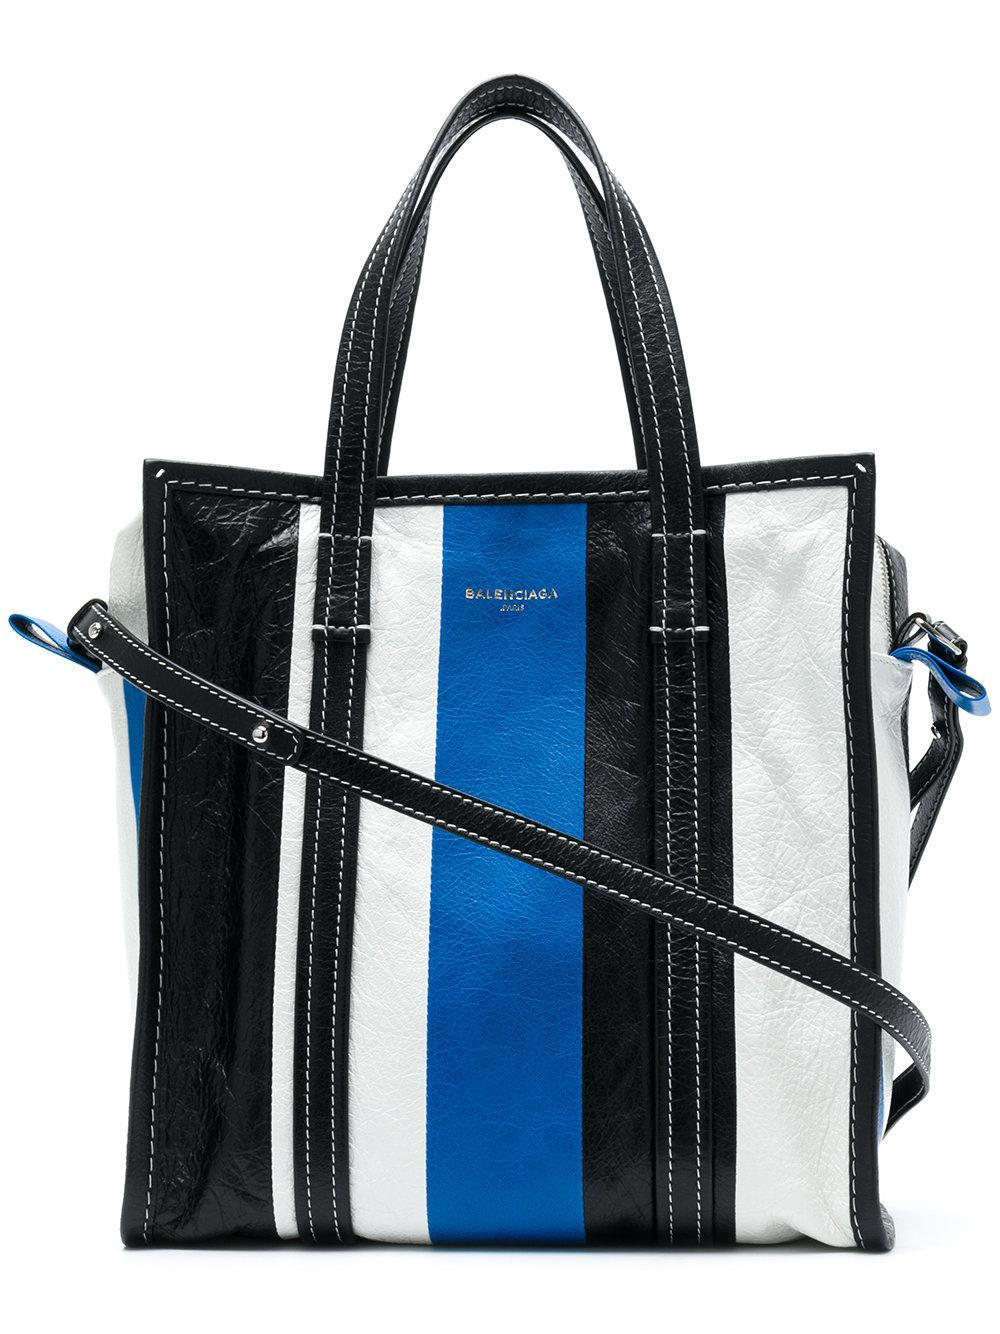 0007b5f58 Balenciaga Bazar Shopper Small Bag in Blue - Lyst